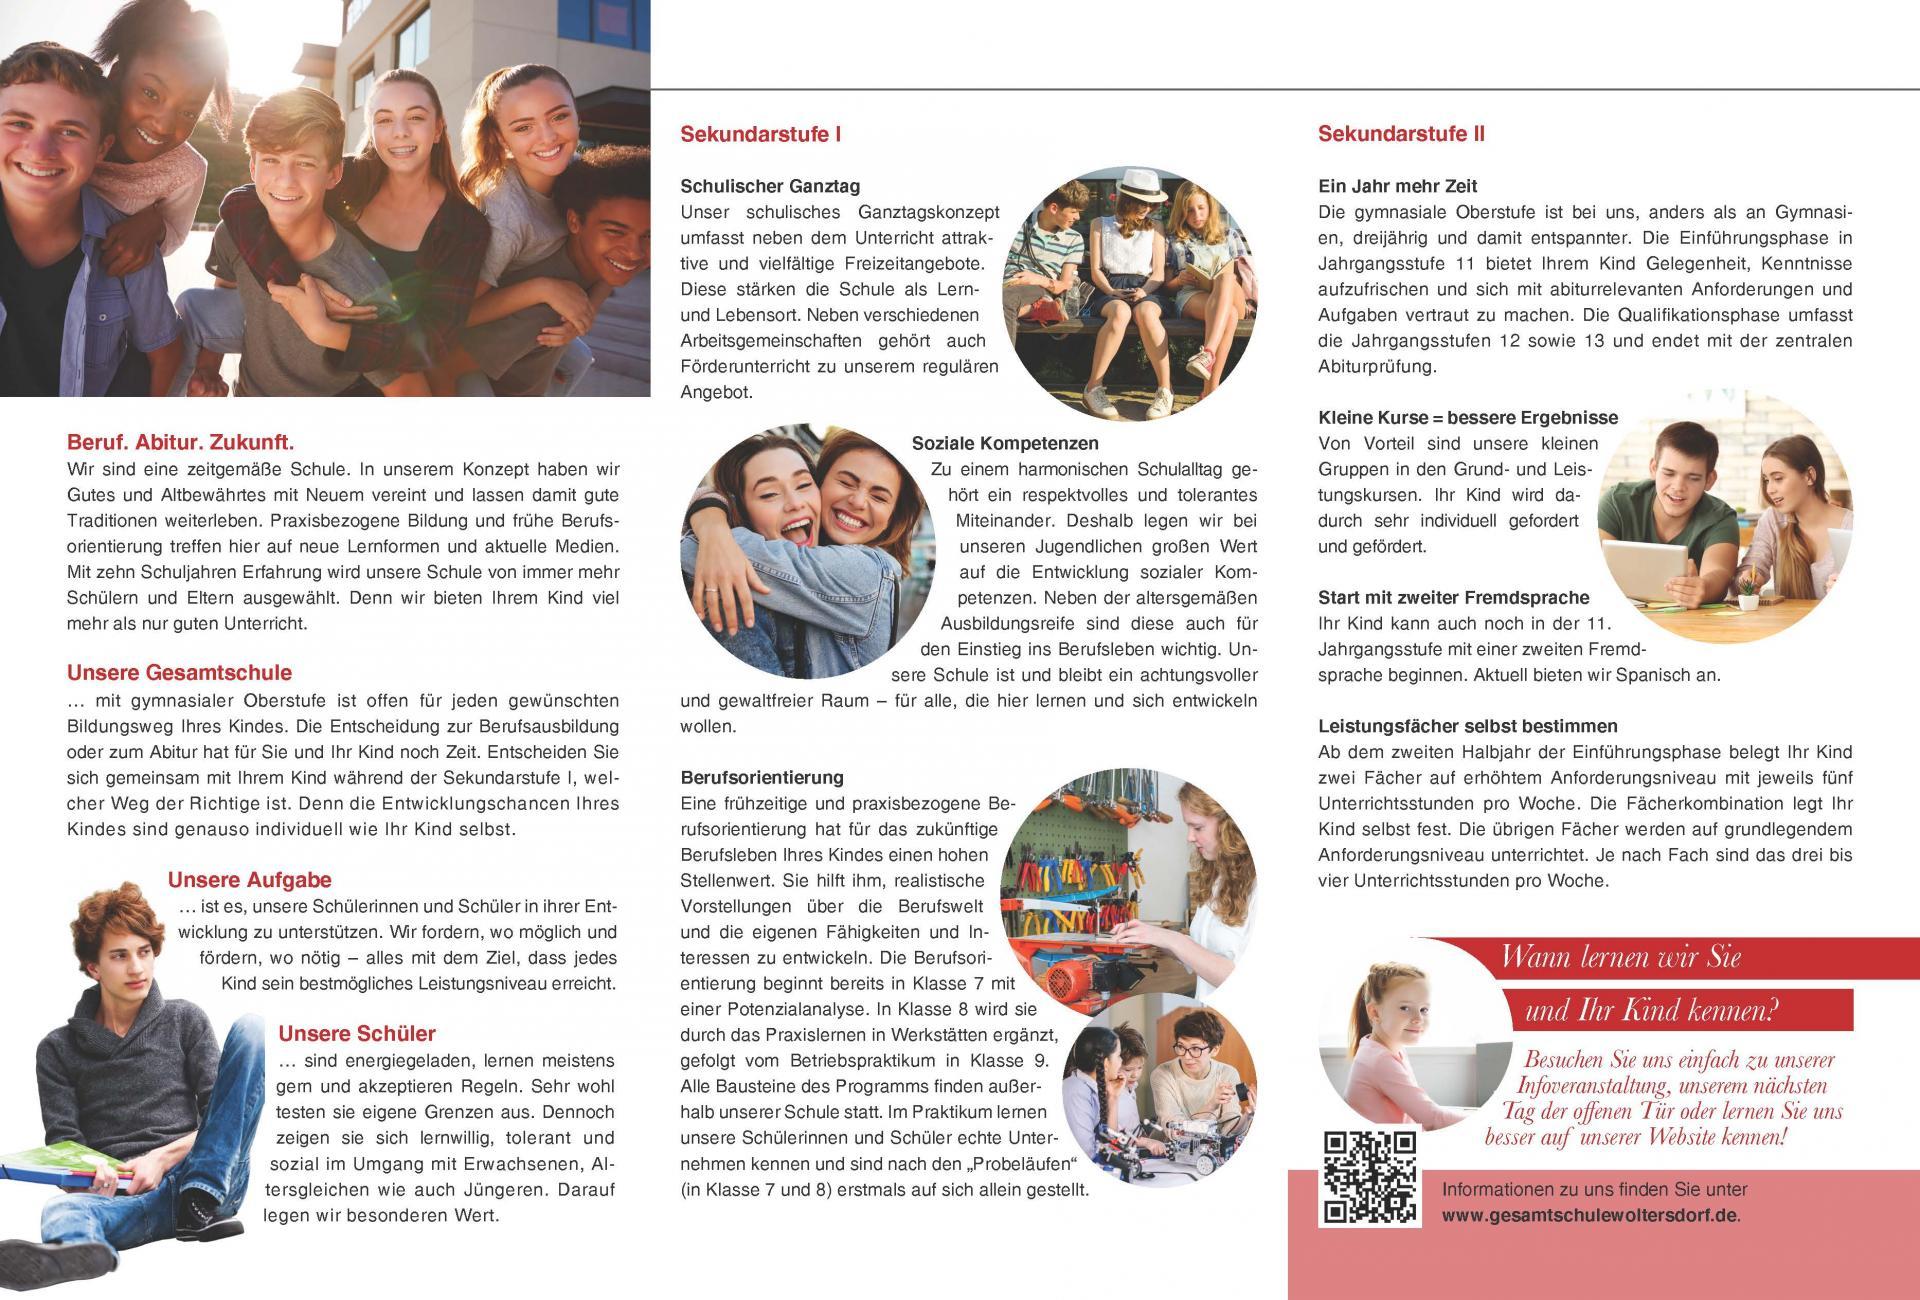 Gesamtschule-mit-gymnasialer-Oberstufe-Woltersdorf_Flyer_2020_Seite_2